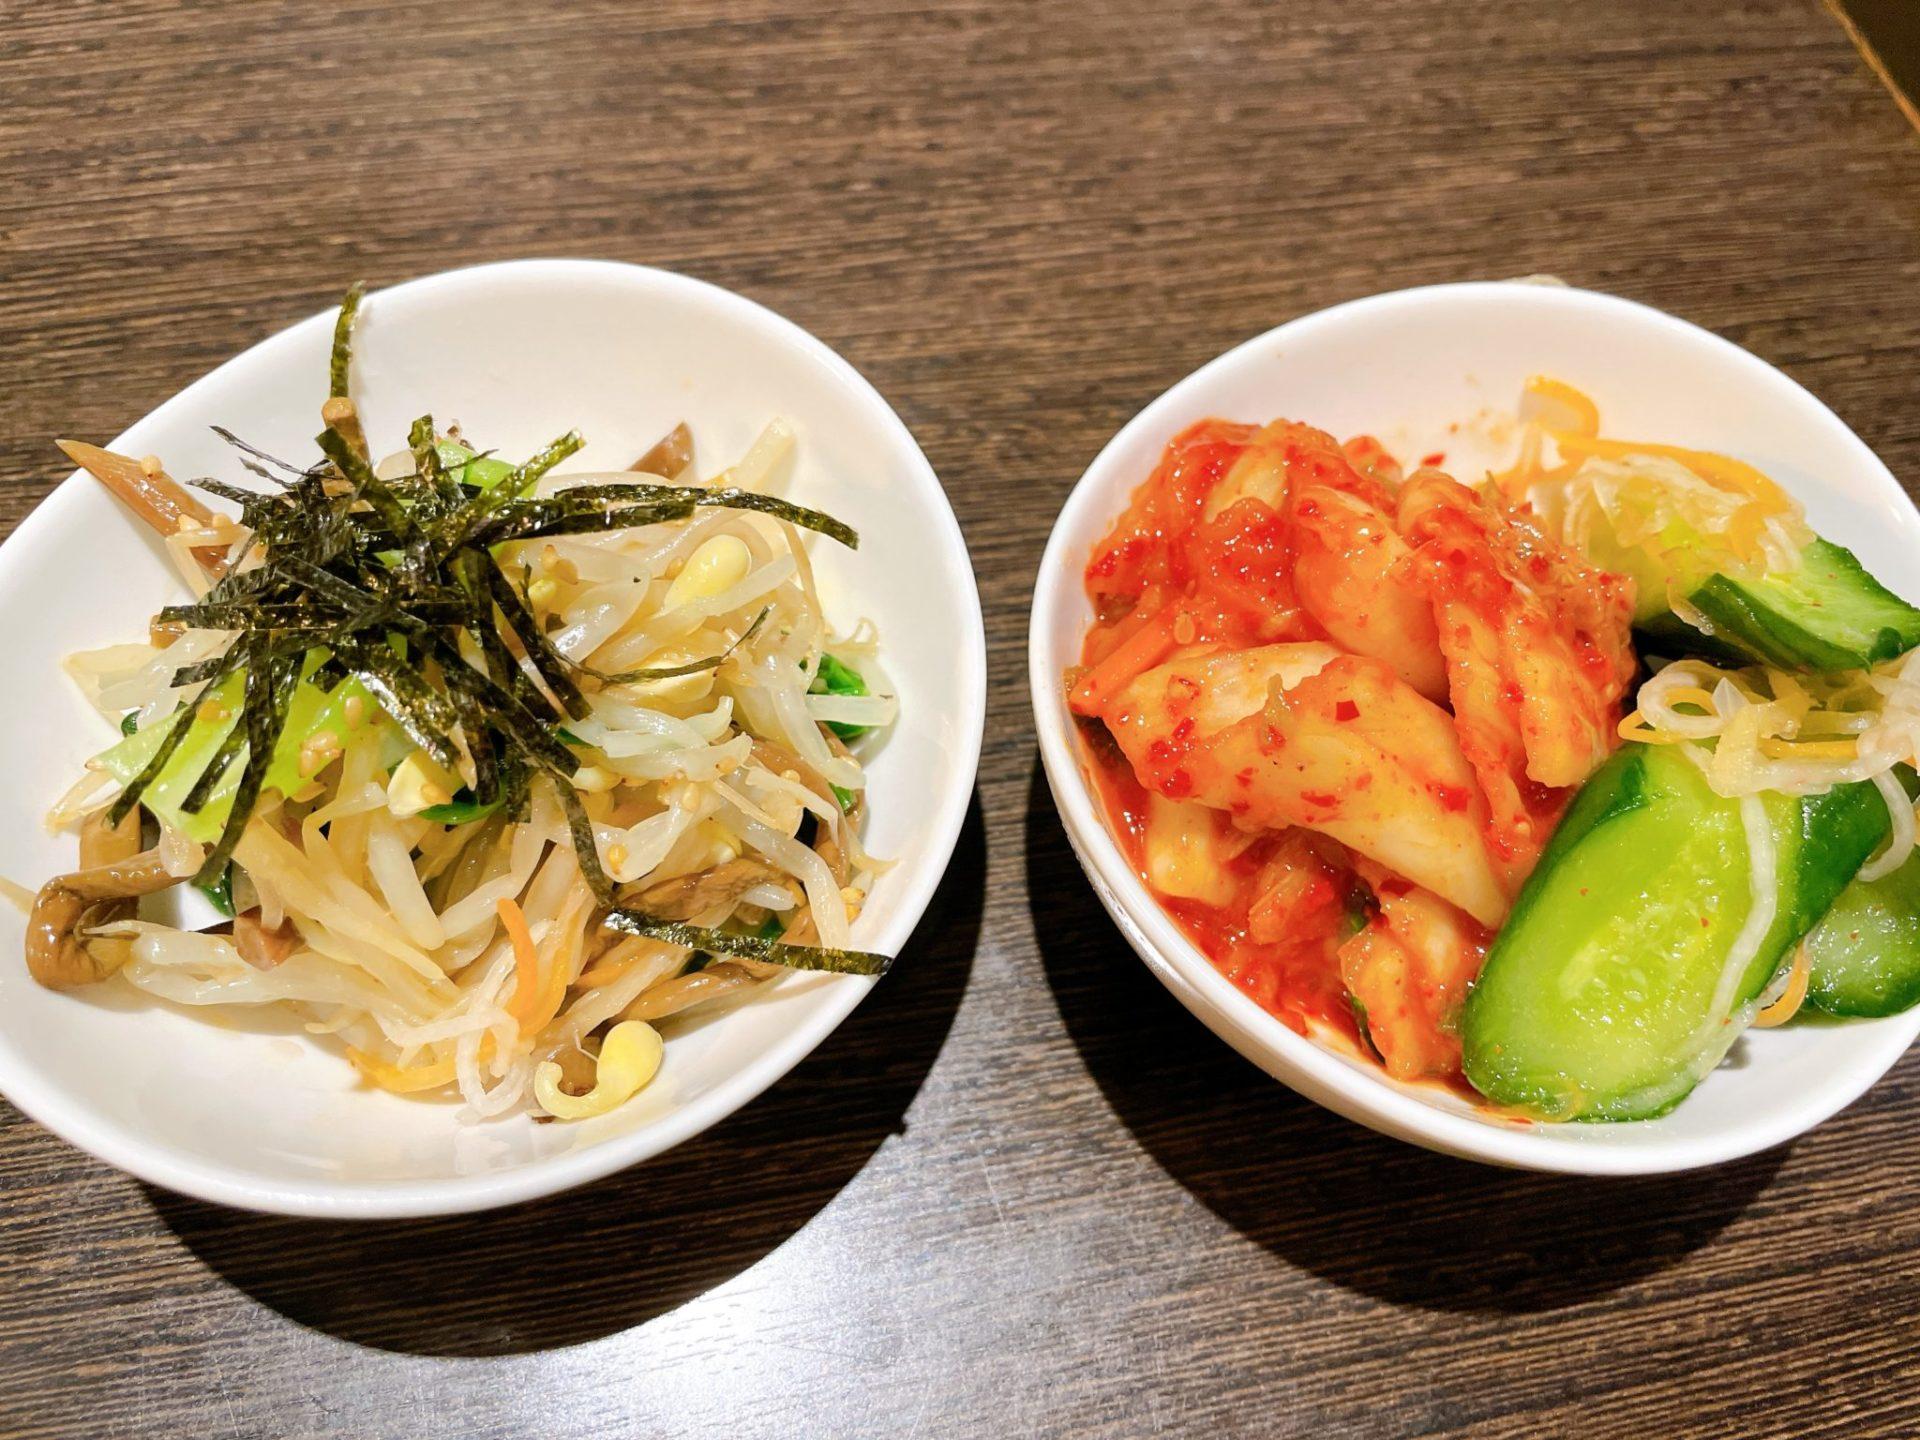 焼肉芝浦 駒沢本店のナムル・キムチ